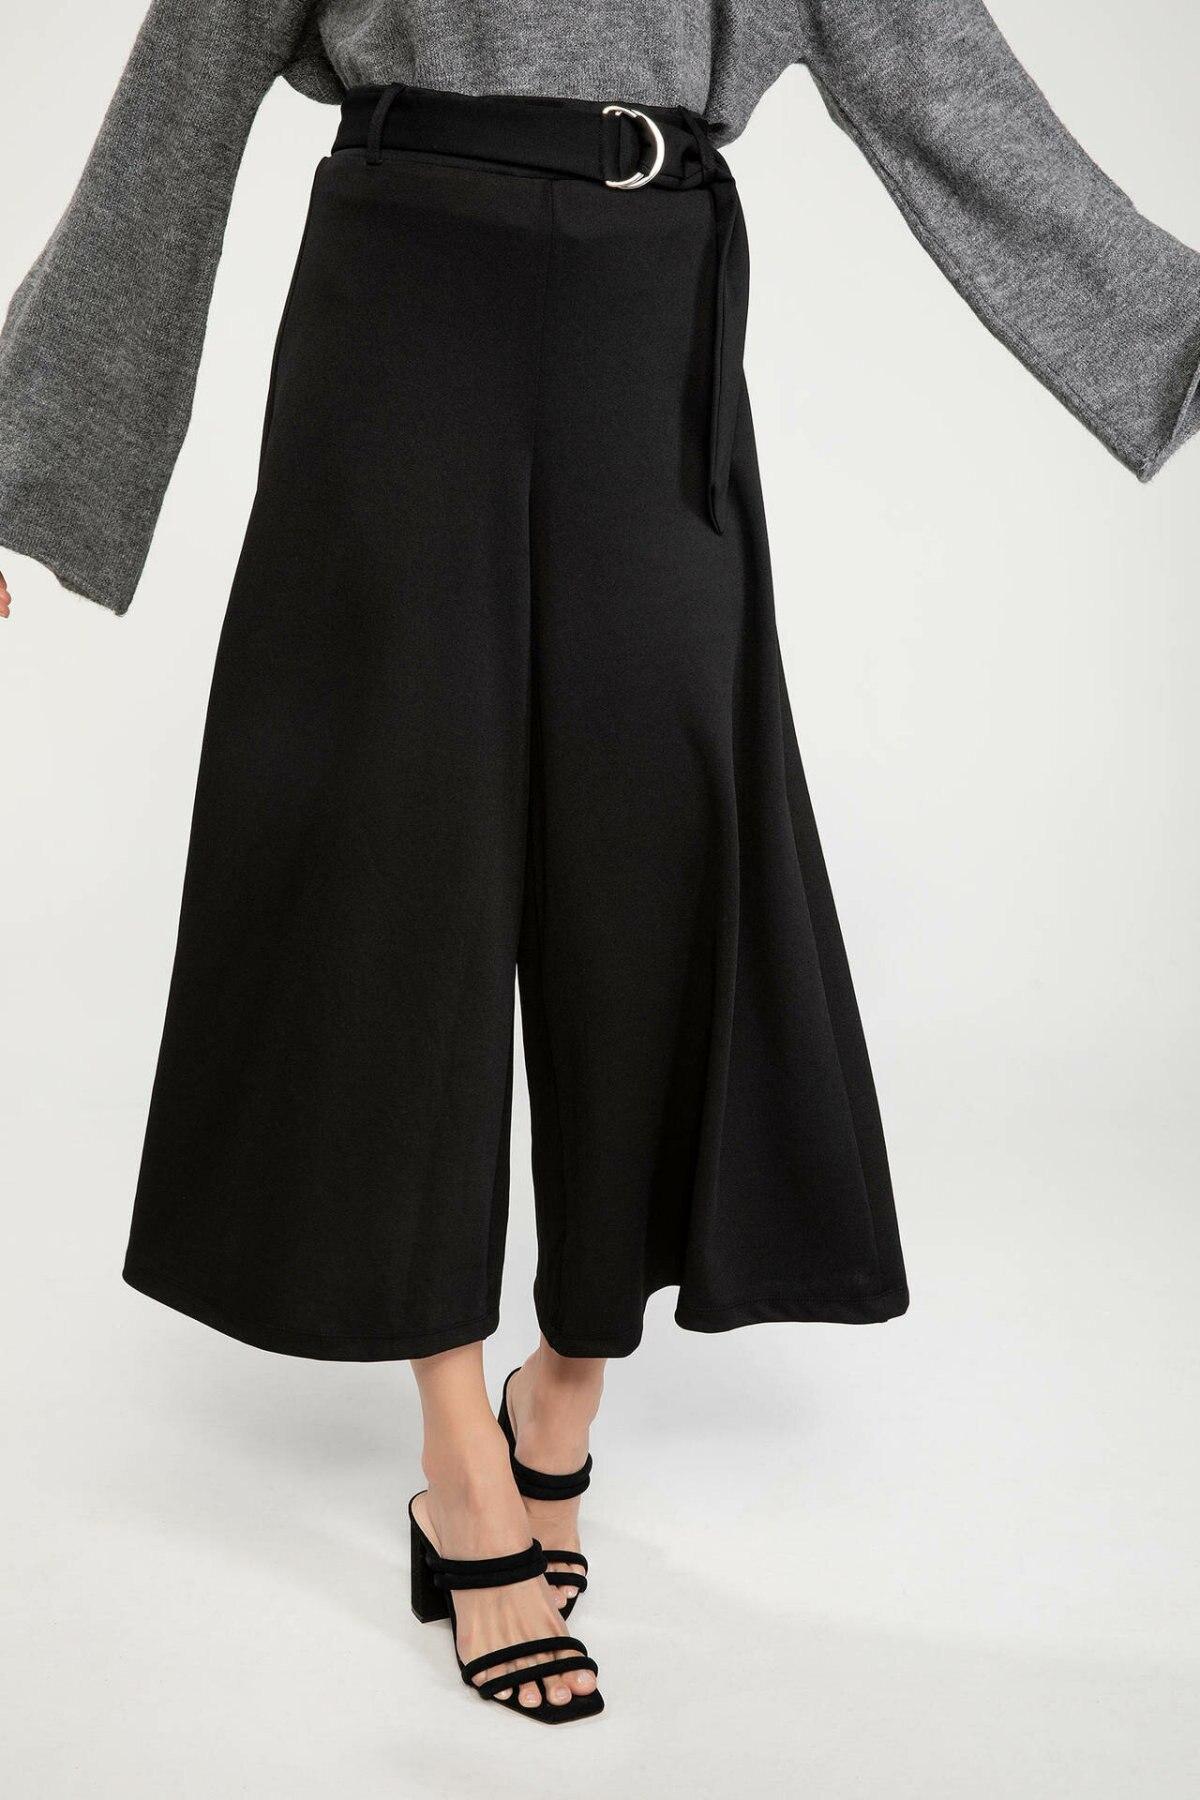 DeFacto Formal Office Loose Pants Woman Fashion Belt Black Trousers Ladies Elegant Comfort Crop Pant Autumn - J5734AZ18AU